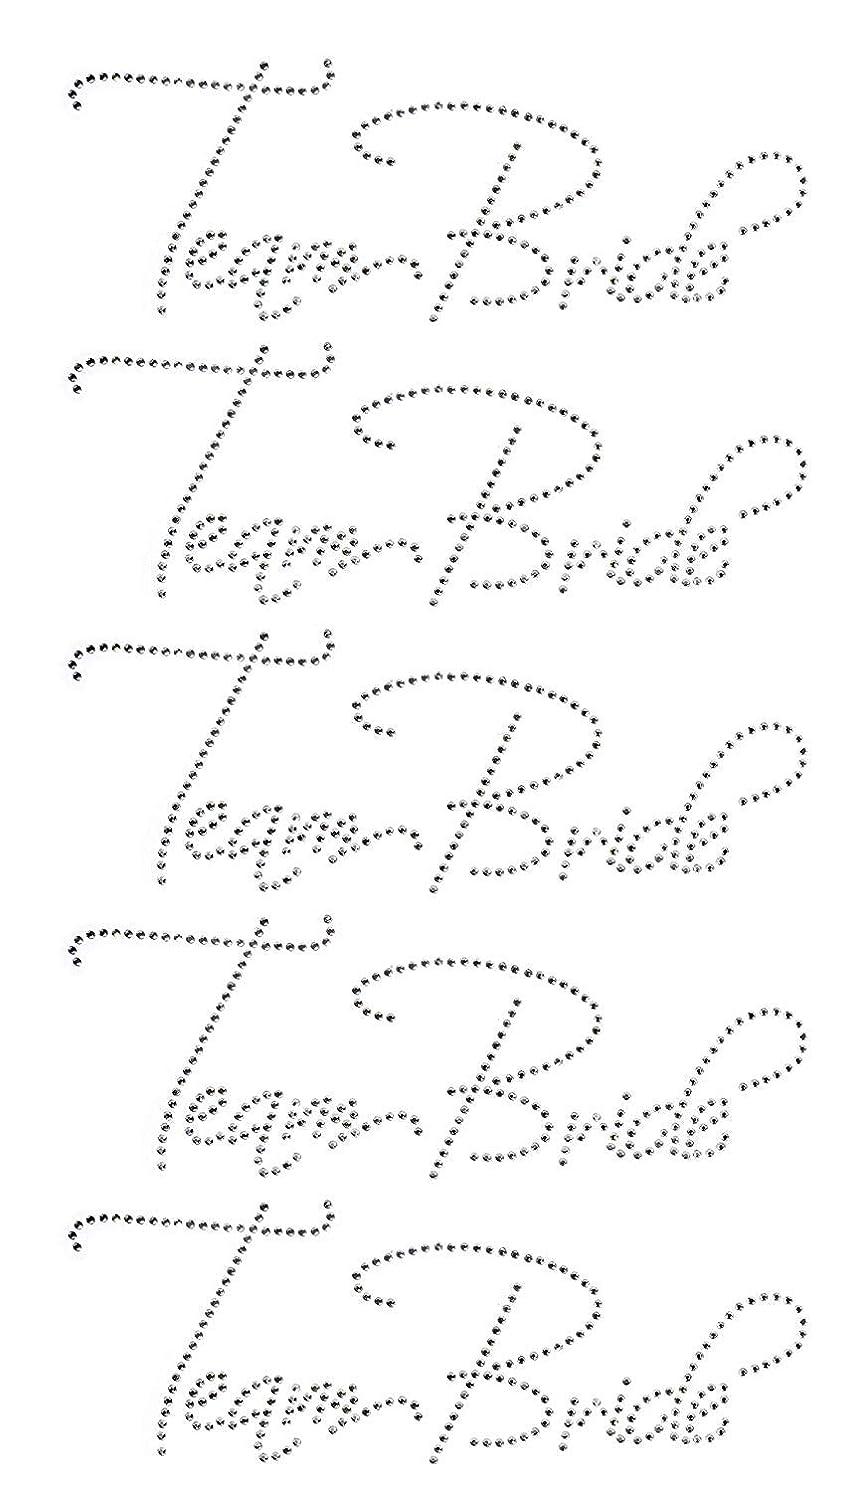 TEAM BRIDE Bridesmaid Clear Rhinestone Iron-on Hotfix Transfer Bling DIY- Each 9x3.5